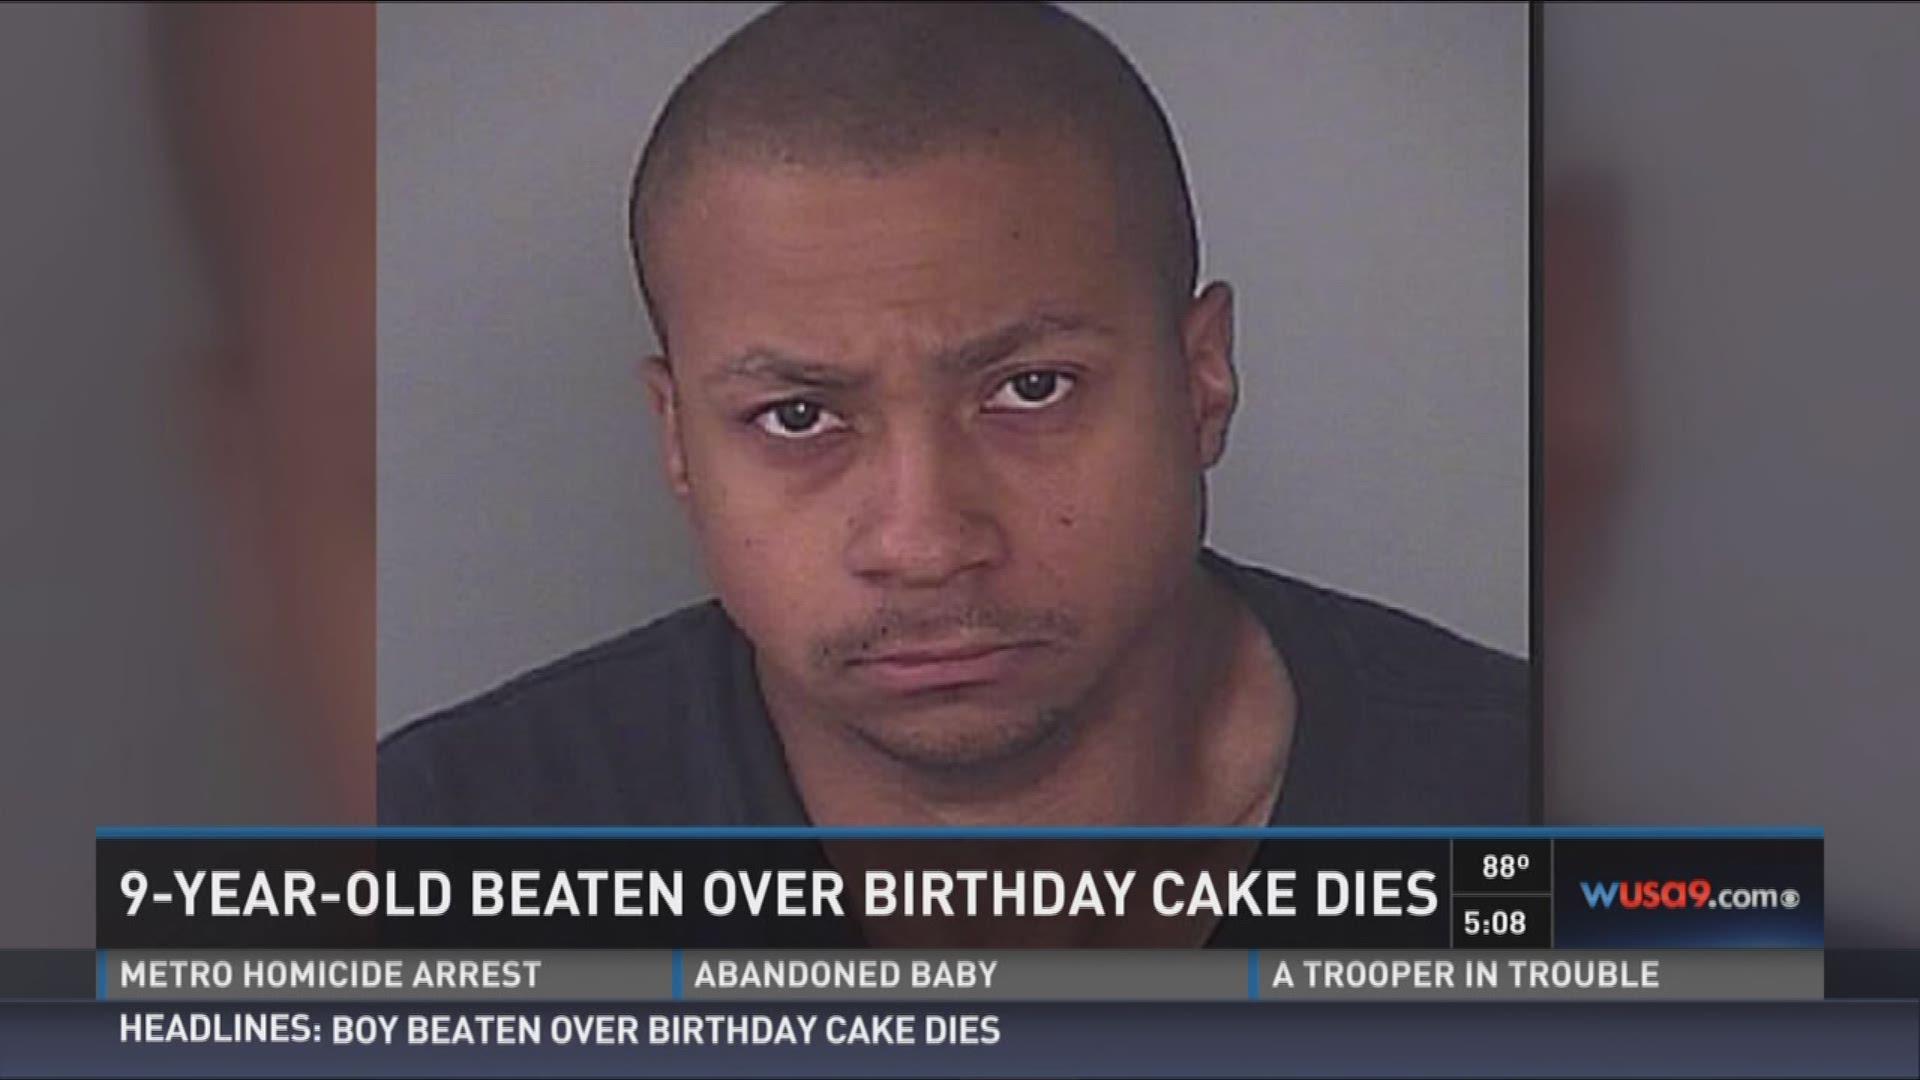 Boy beaten over birthday cake dies